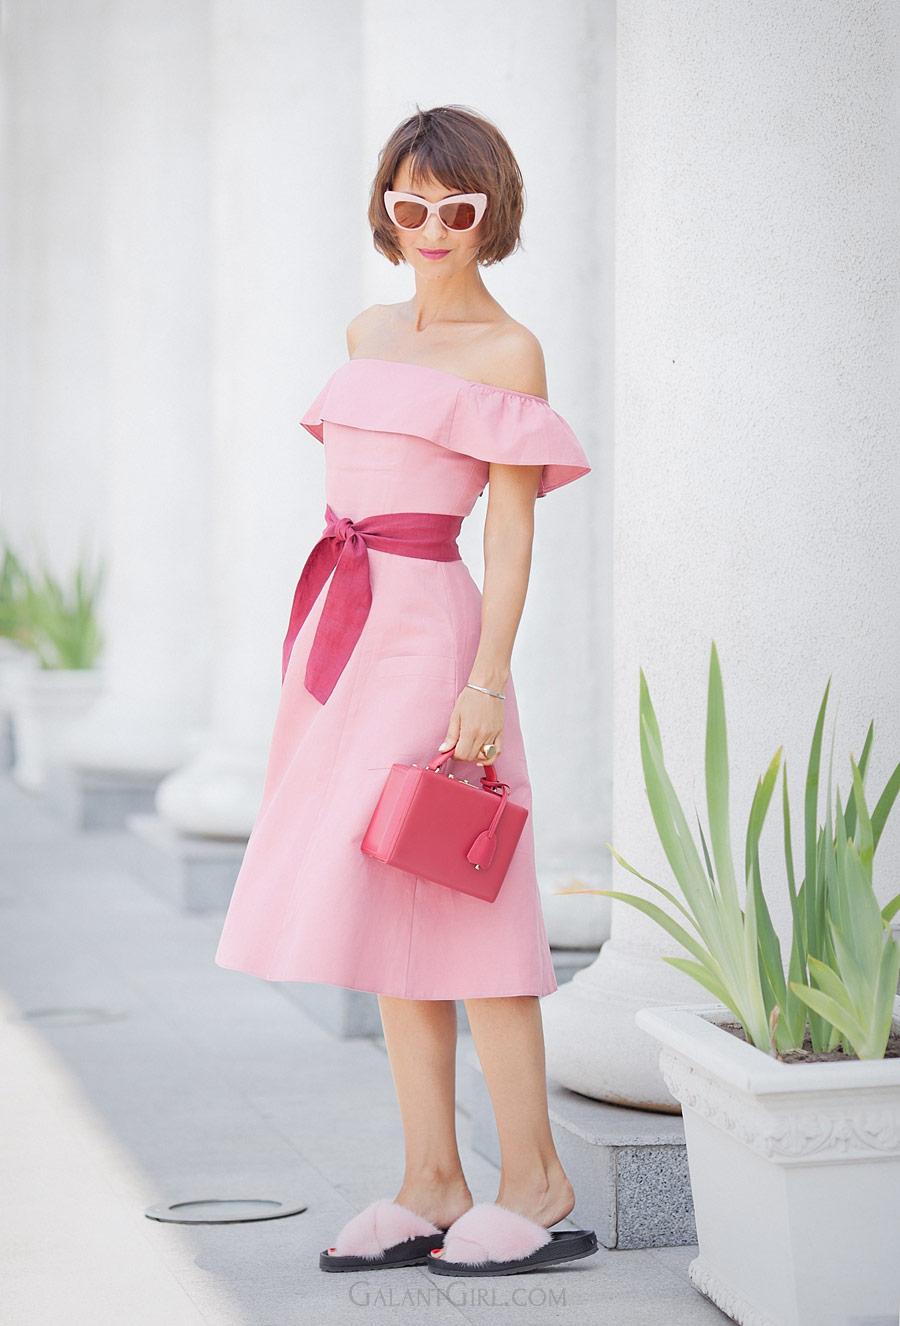 розовое платье, открытые плечи, красивое платье, летнее платье, лучшие летние образы,